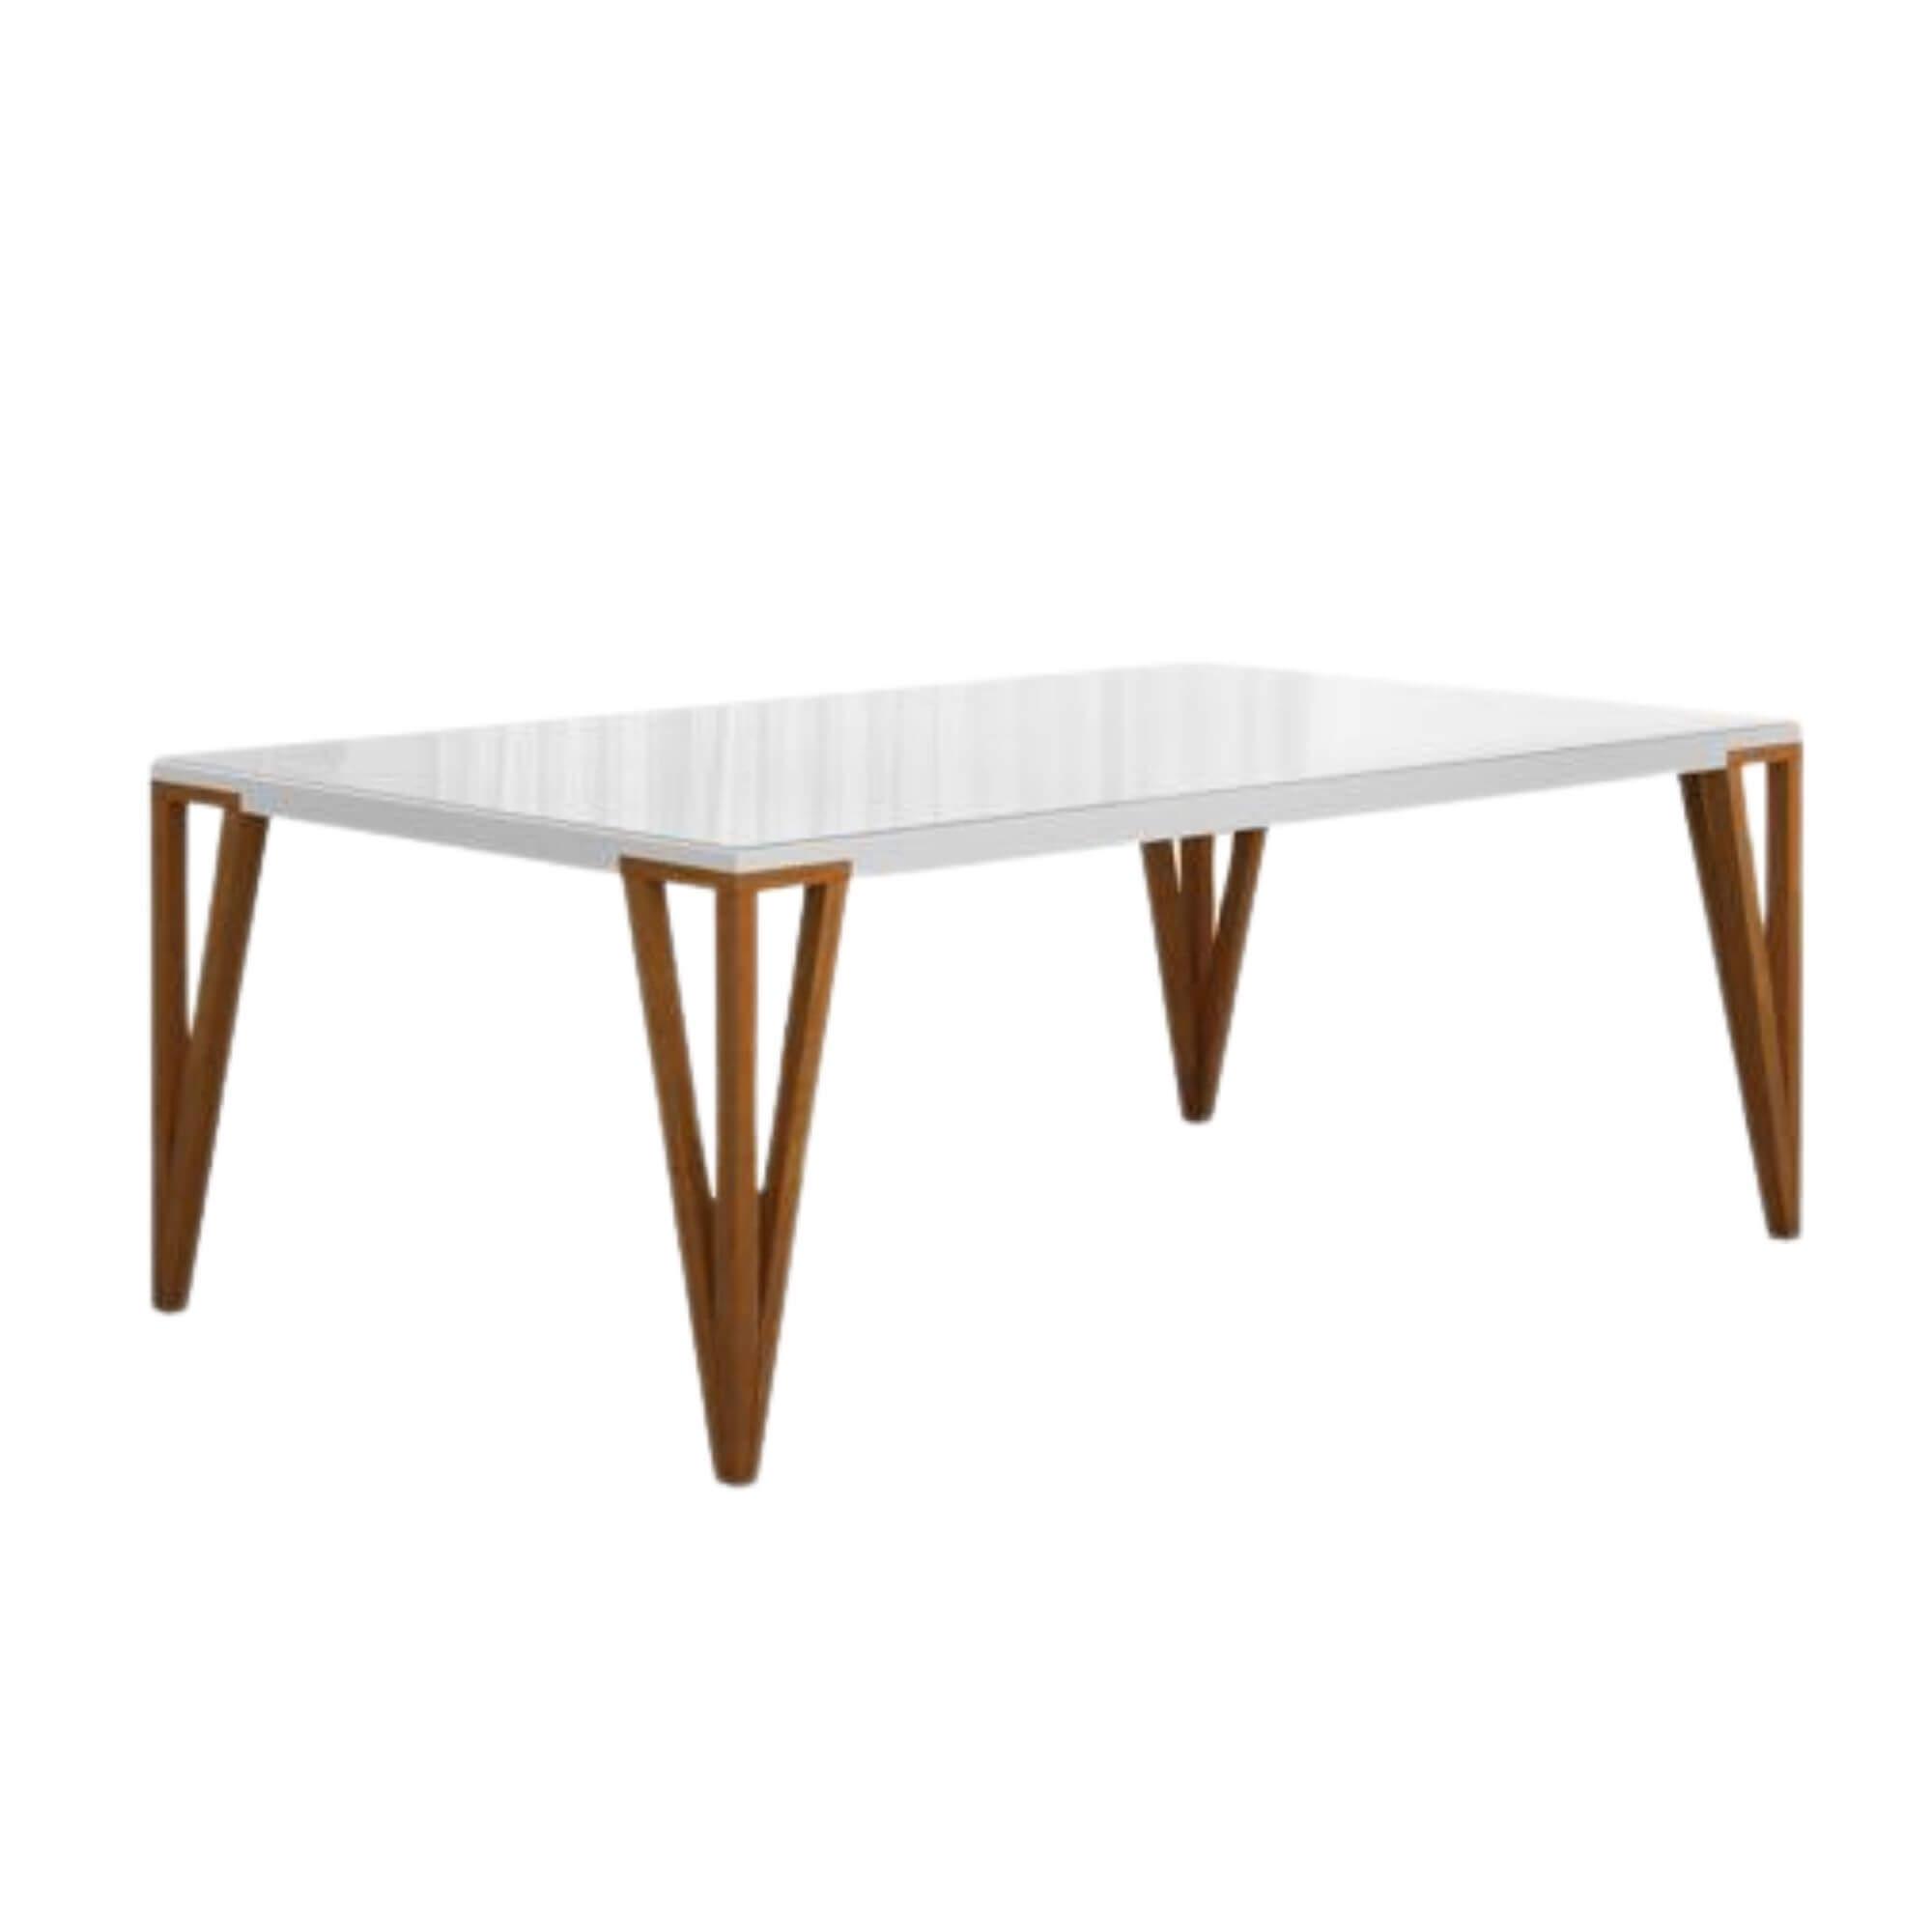 Mesa de Jantar 6 Lugares Oriente 160 cm x 90 cm